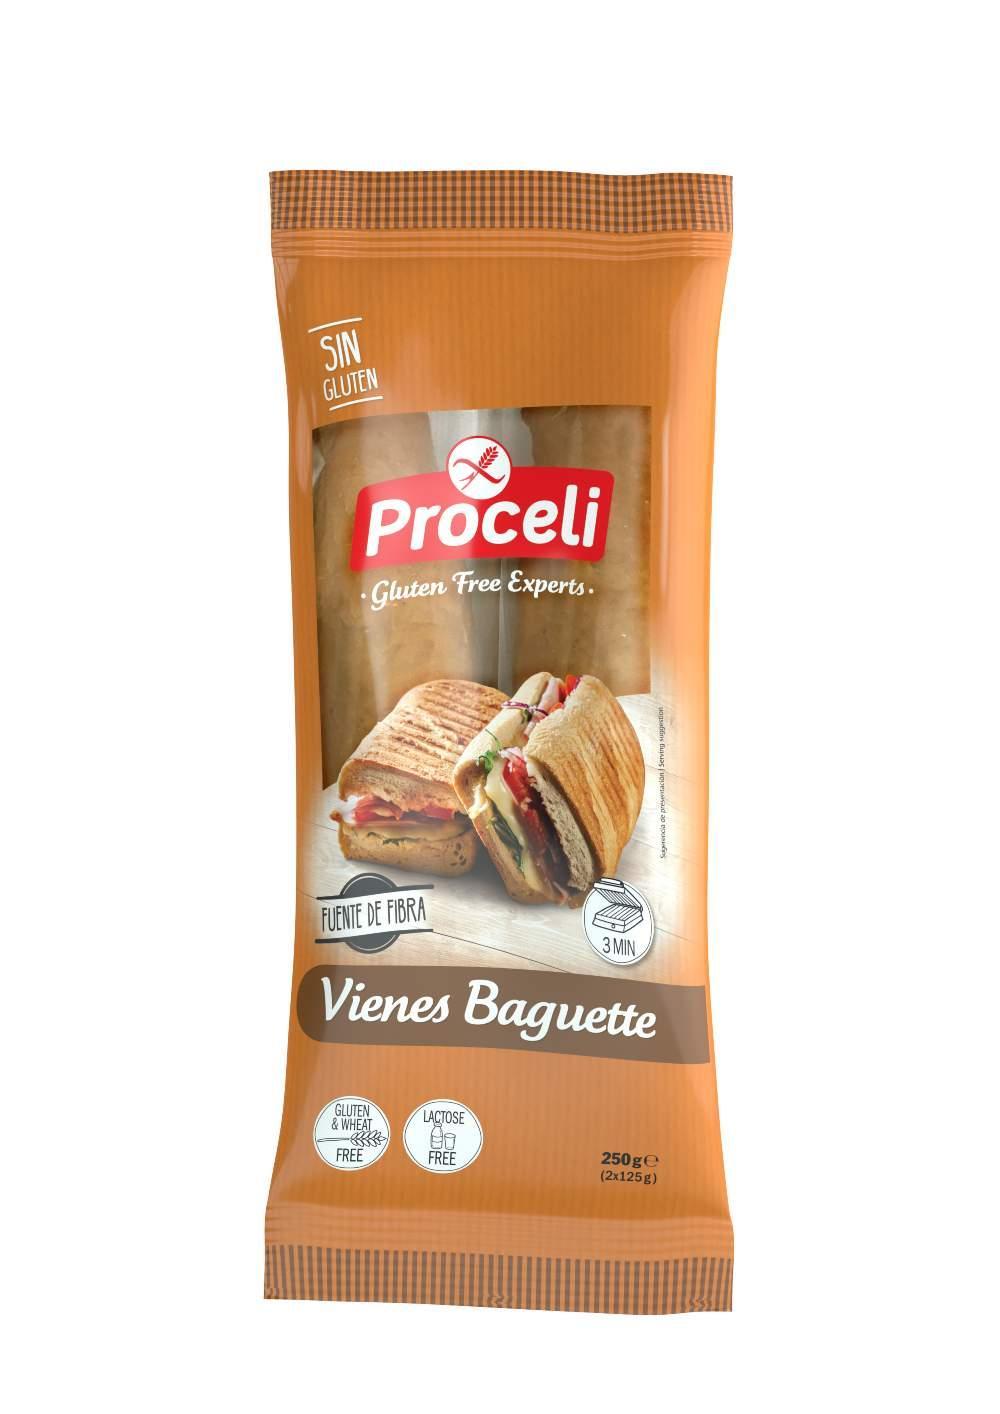 Proceli Vienes Baguette (2x125g)